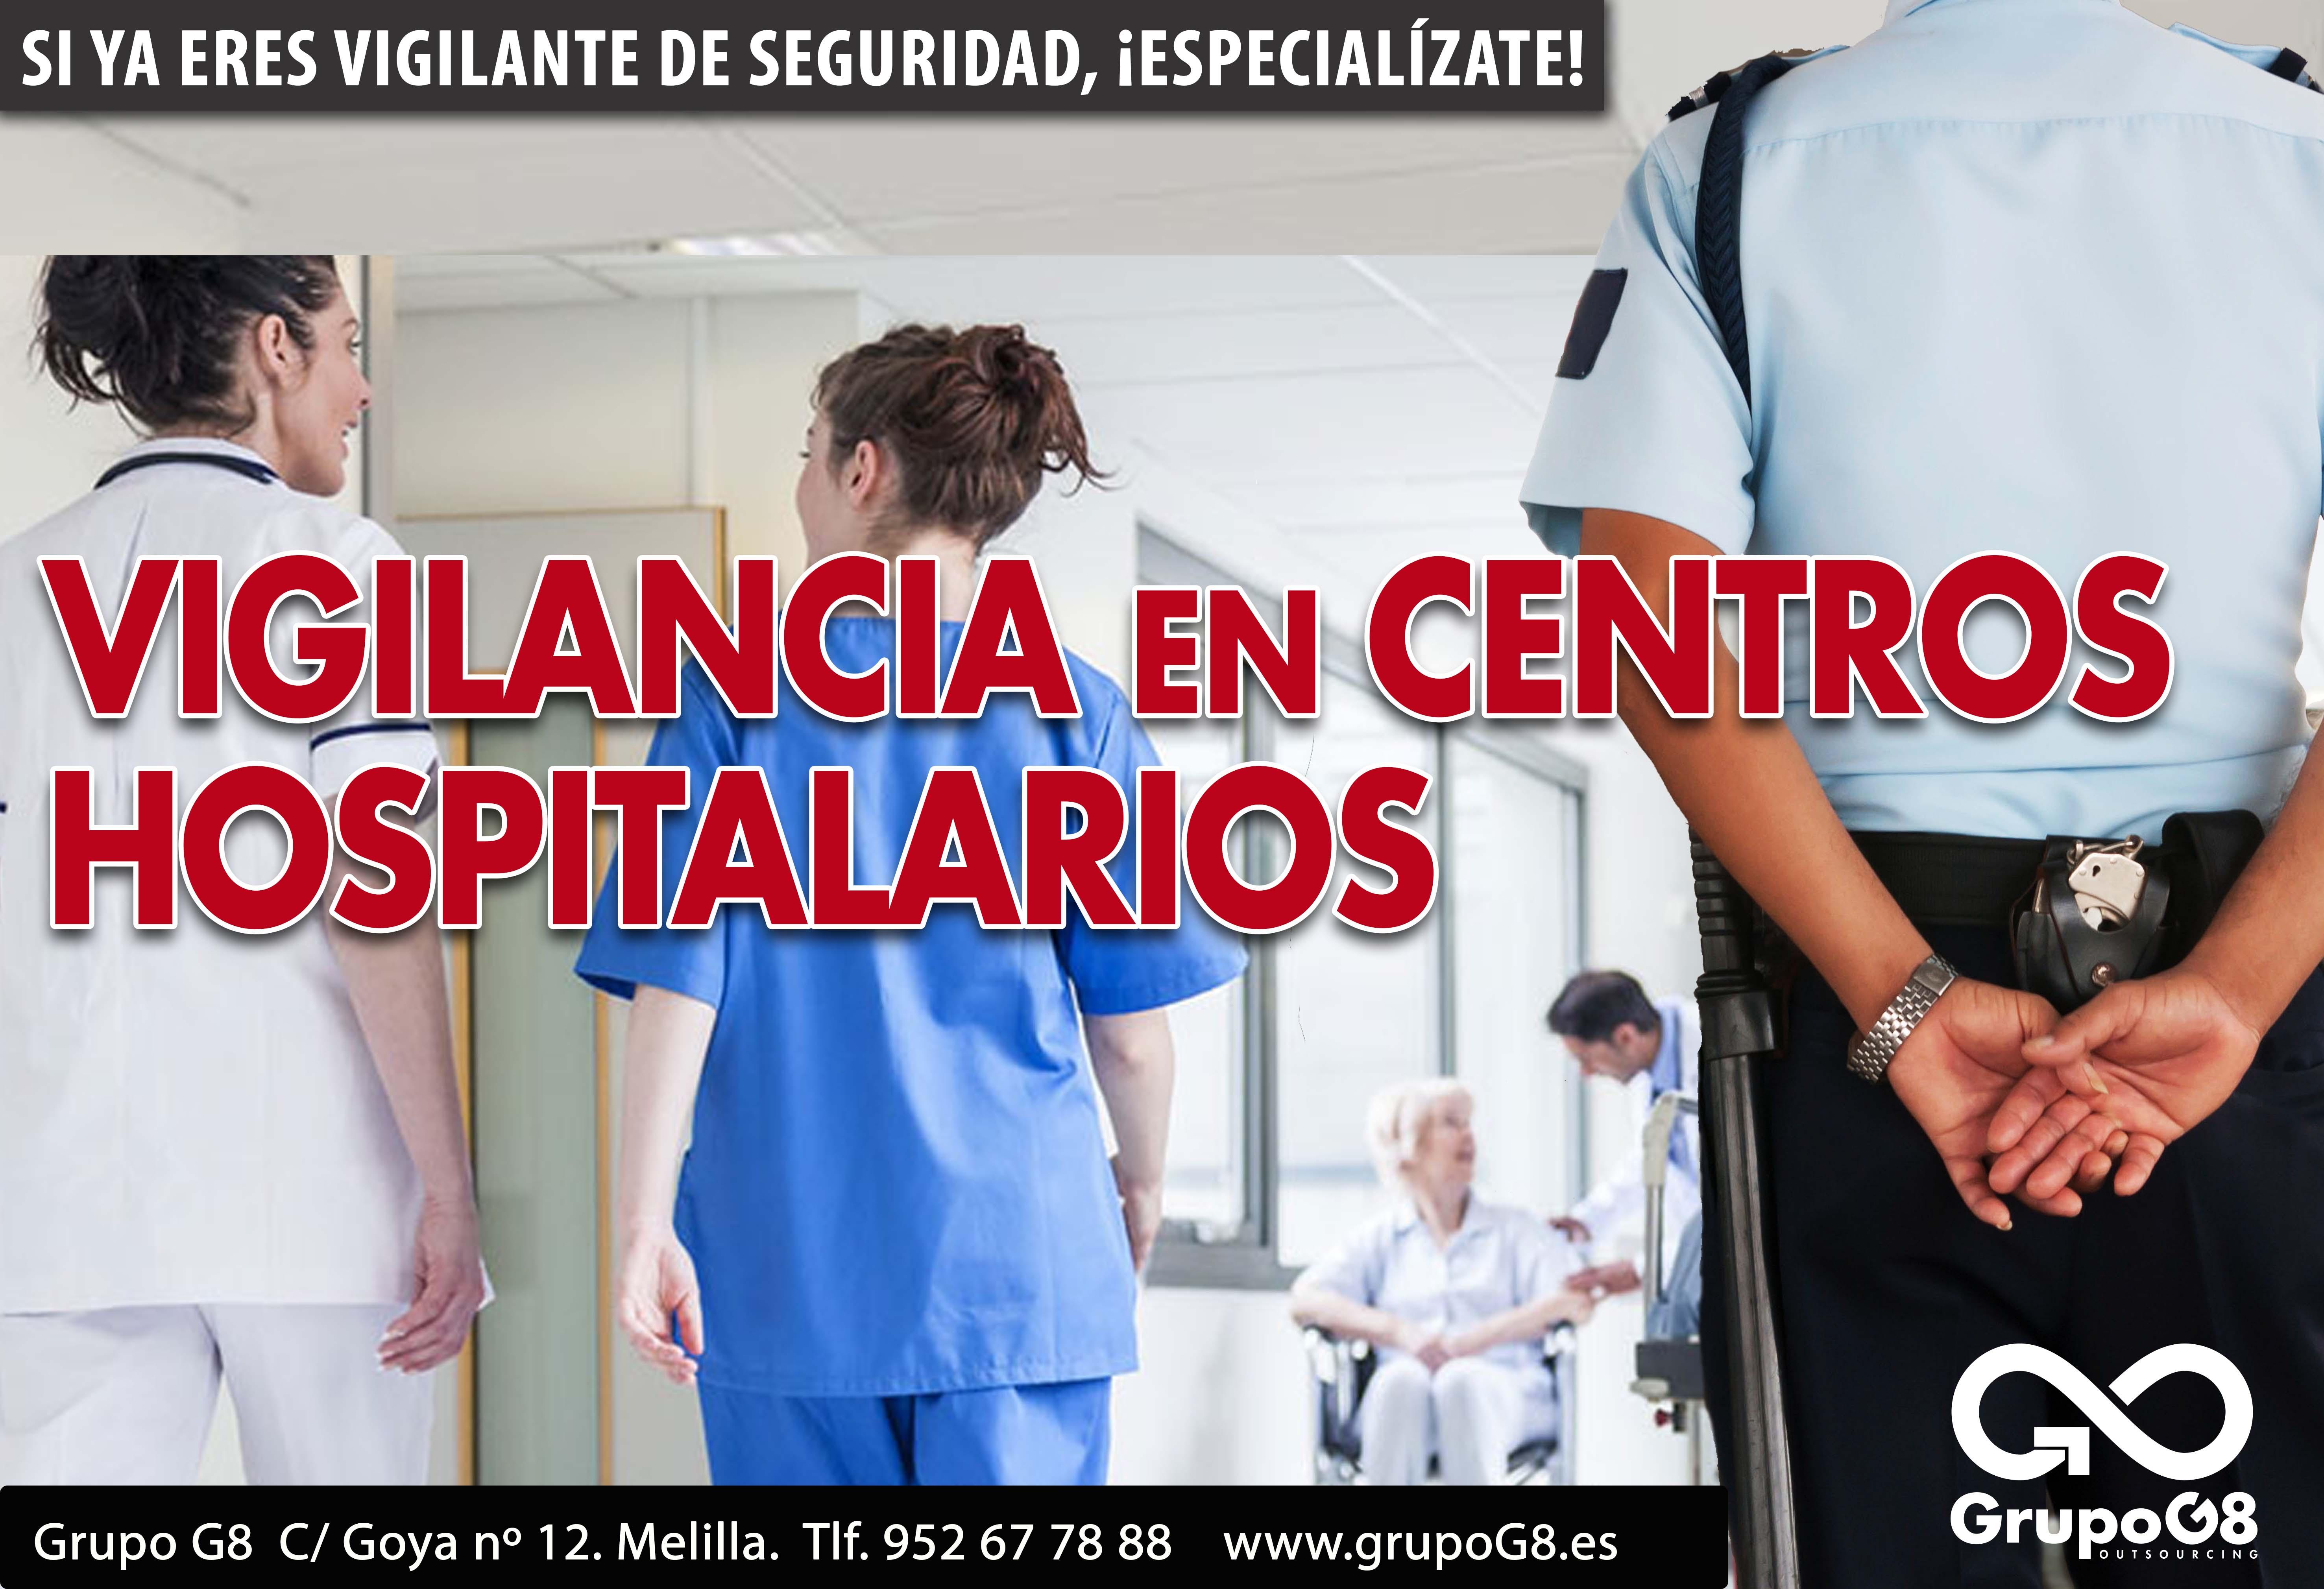 FEVS Servicio de Vigilancia en Centros Hospitalarios